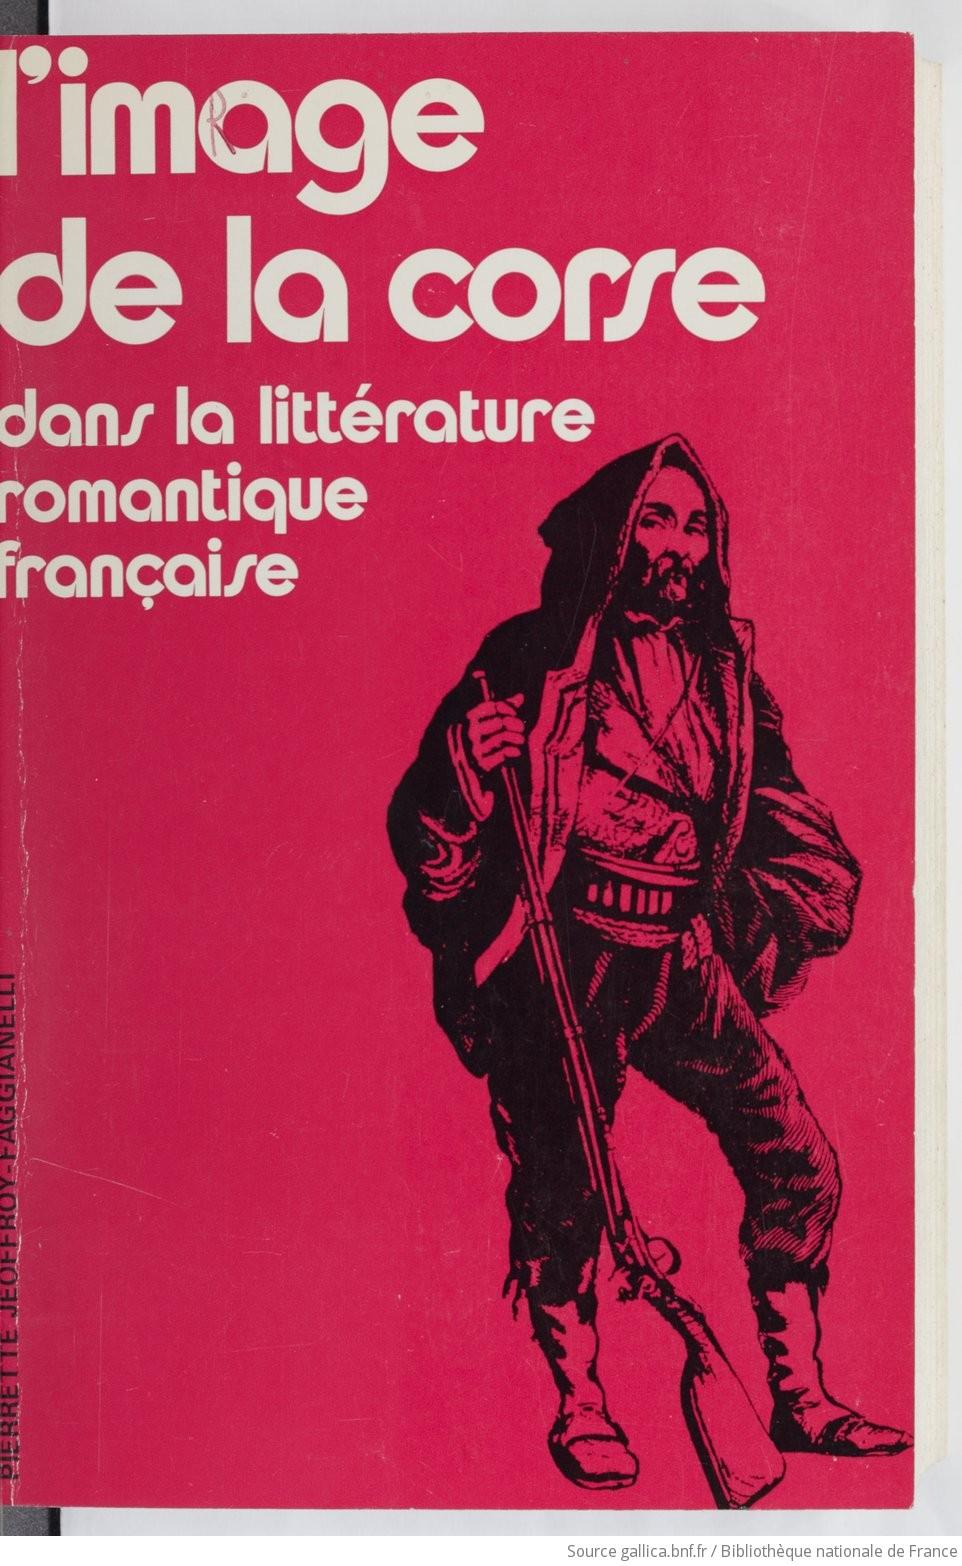 Littérature Romantique l'image de la corse dans la littérature romantique française : le